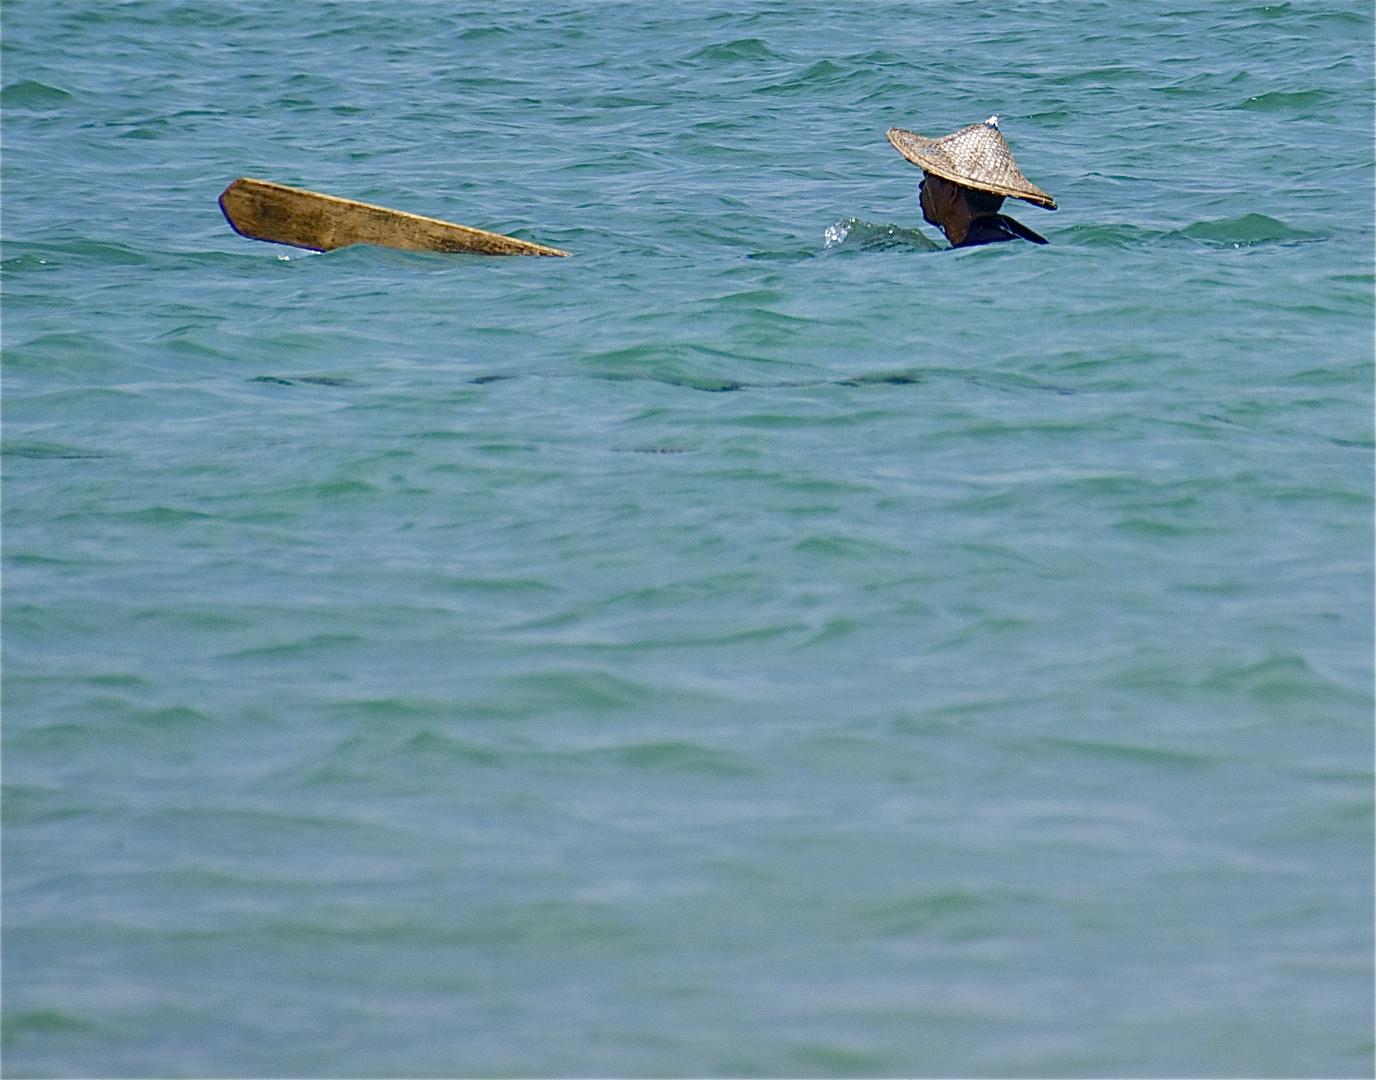 der mit dem ruder schwimmt